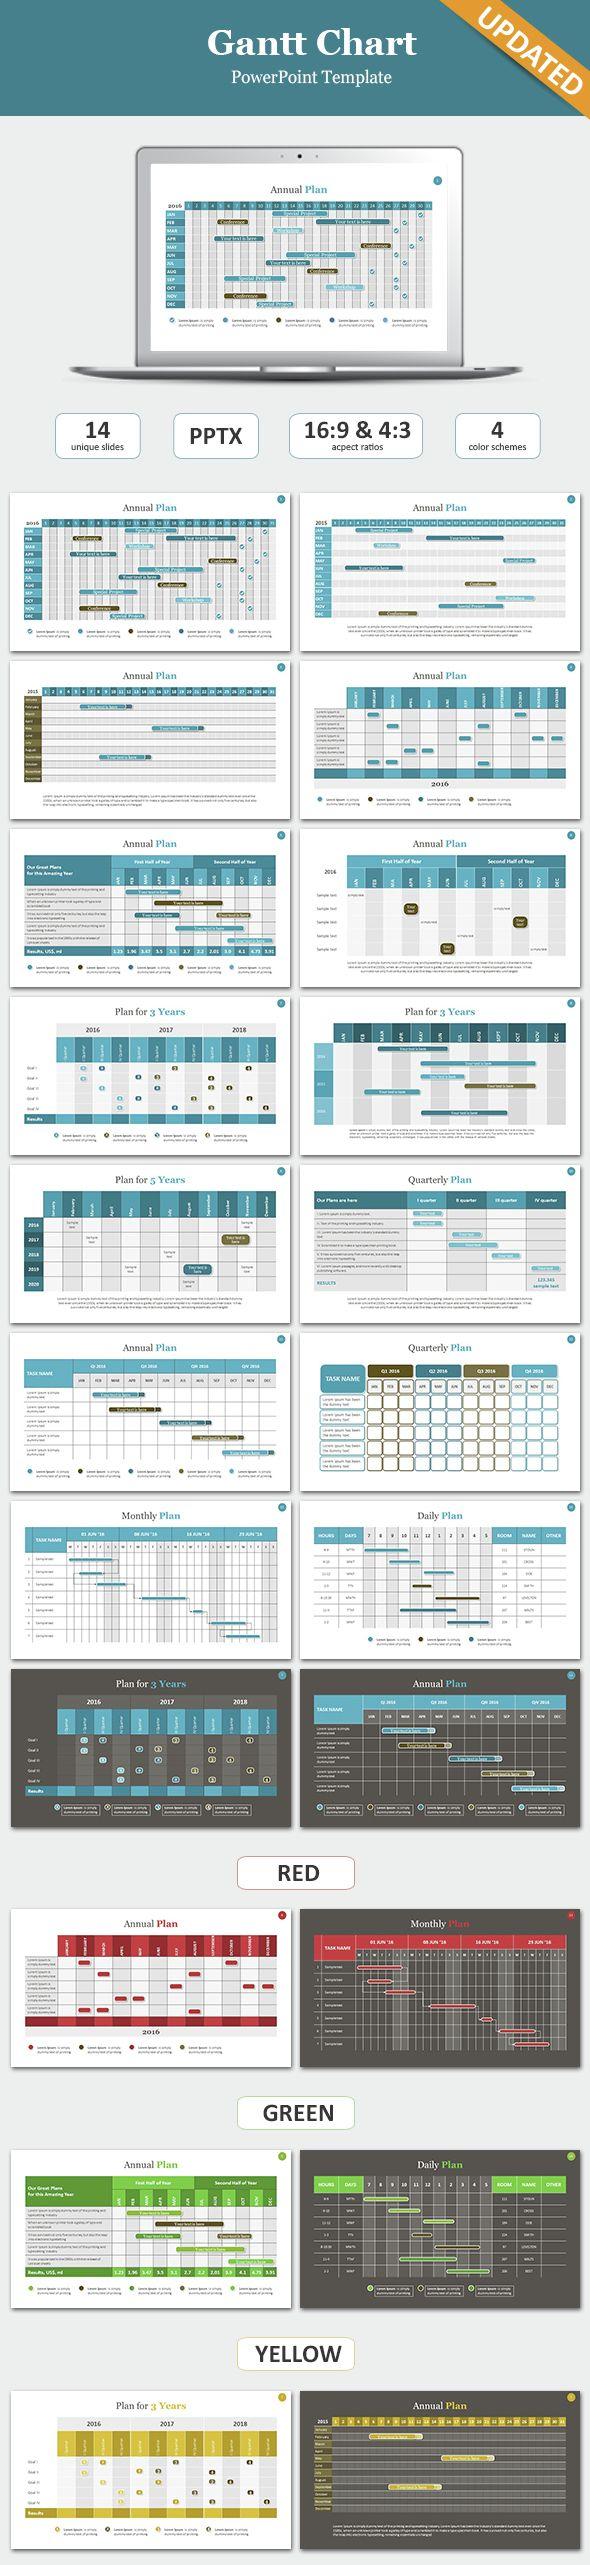 gantt chart powerpoint template | presentation templates, project, Modern powerpoint